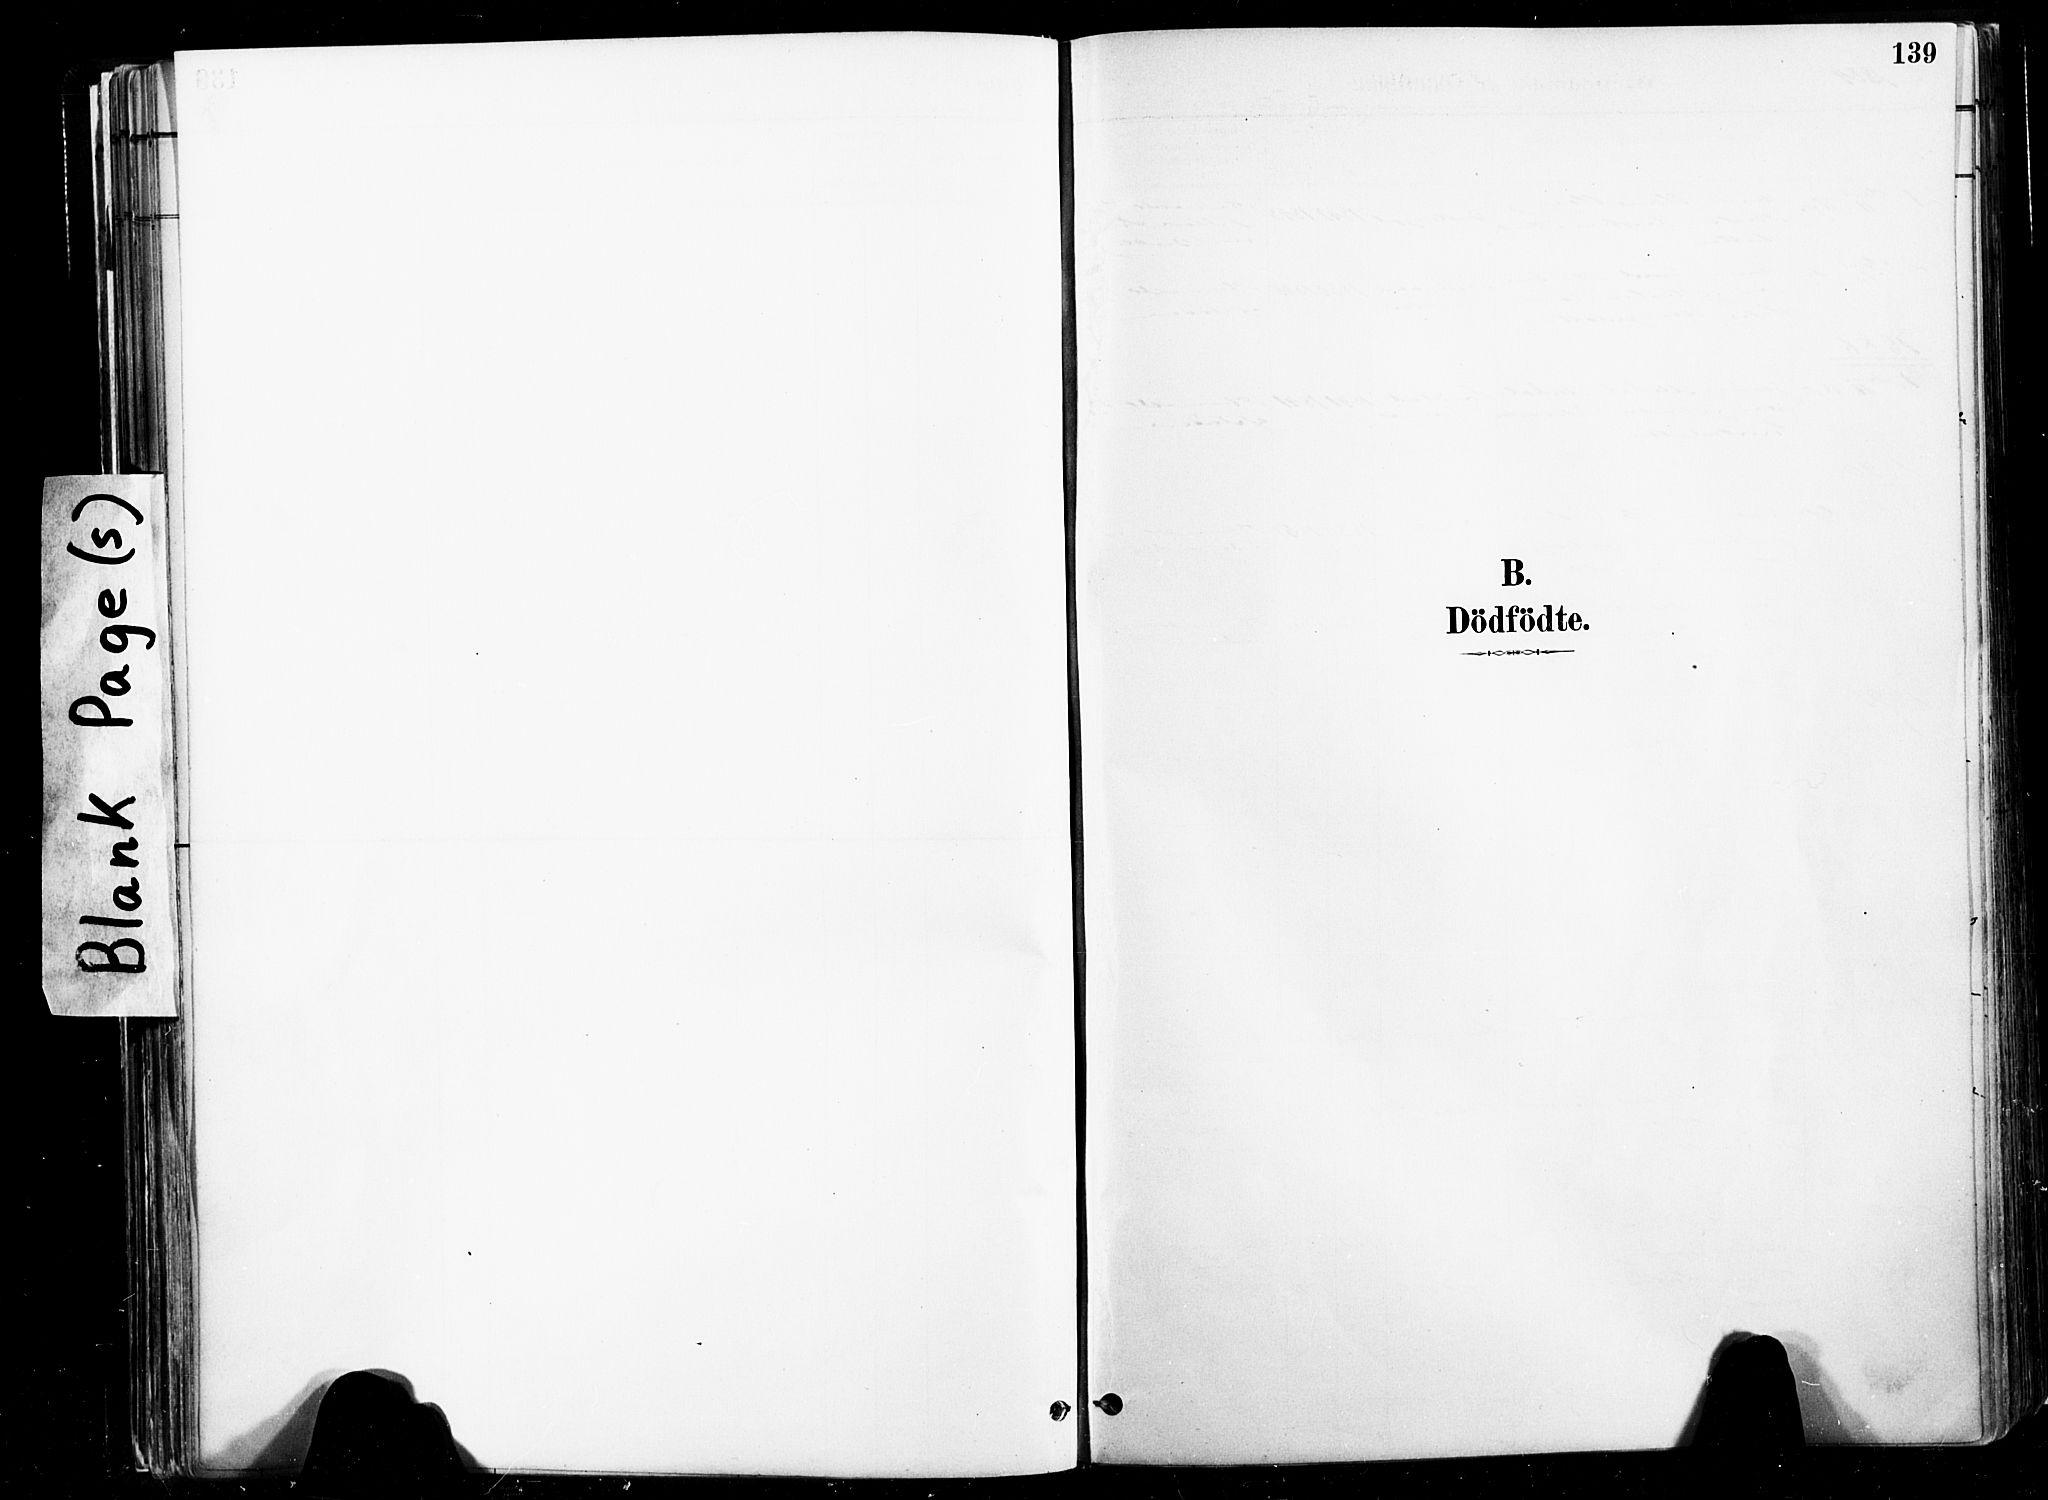 SAT, Ministerialprotokoller, klokkerbøker og fødselsregistre - Nord-Trøndelag, 735/L0351: Ministerialbok nr. 735A10, 1884-1908, s. 139